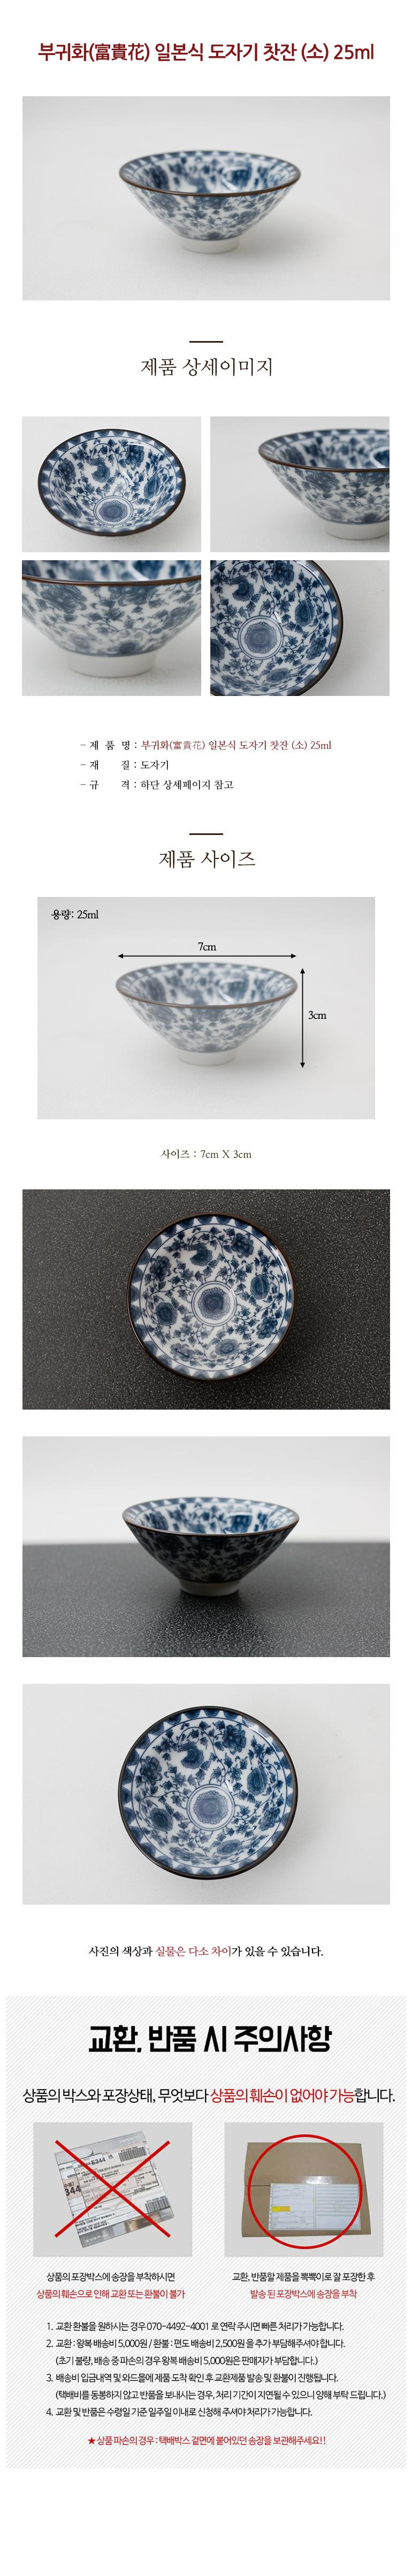 부귀화 일본식 도자기 찻잔 (소) - 와드몰, 4,100원, 커피잔/찻잔, 커피잔/찻잔